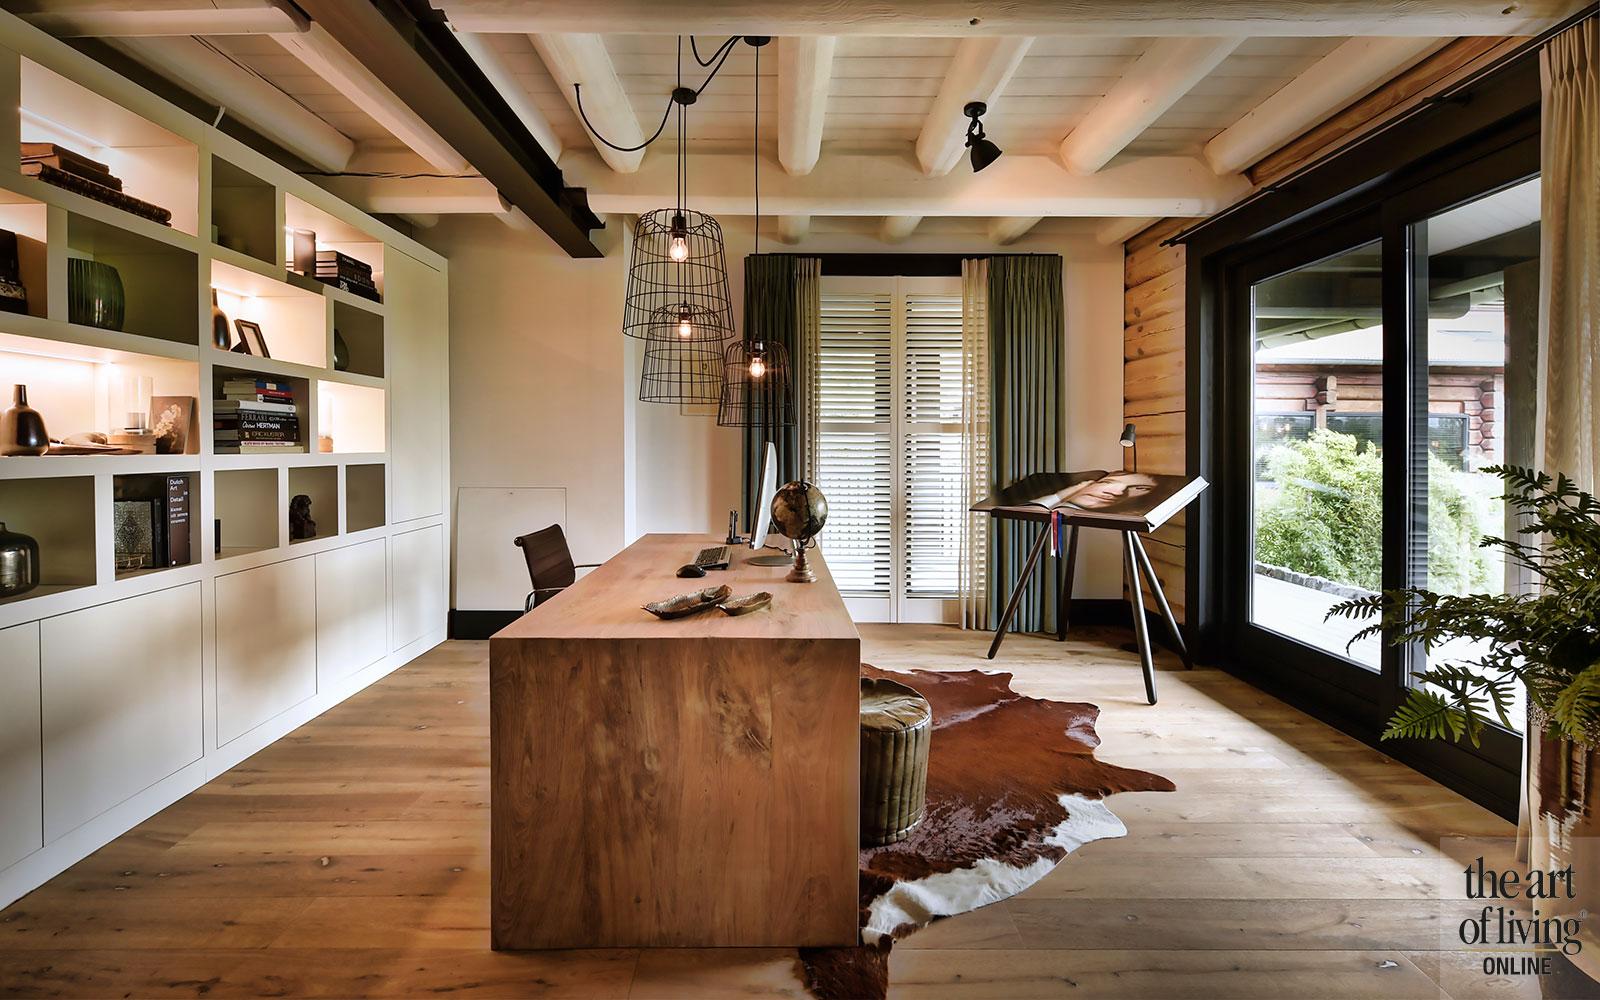 Huis met lef, Hemels Wonen, landelijk, interieurdesign